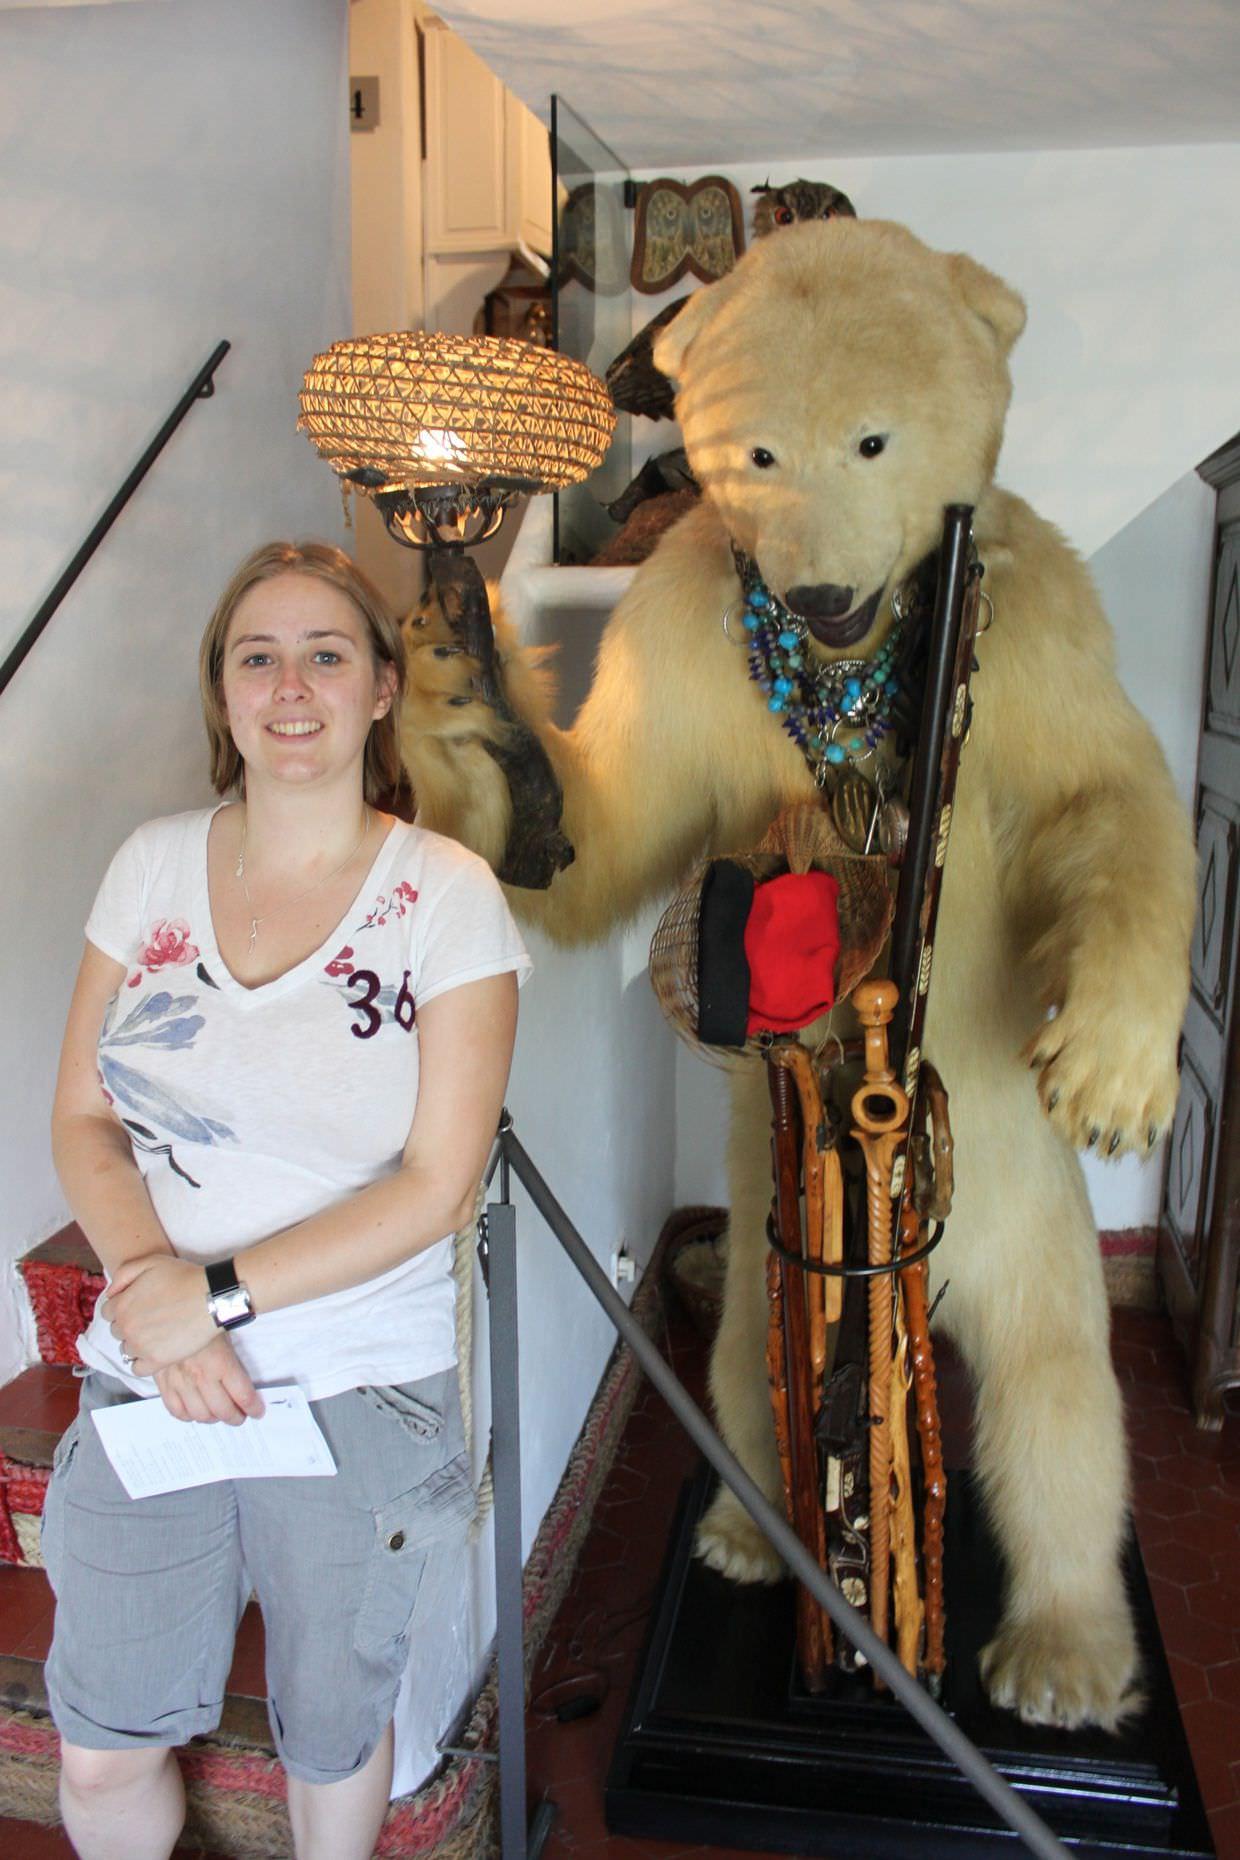 Samantha and a rifle wielding polar bear lamp, at Casa Dali